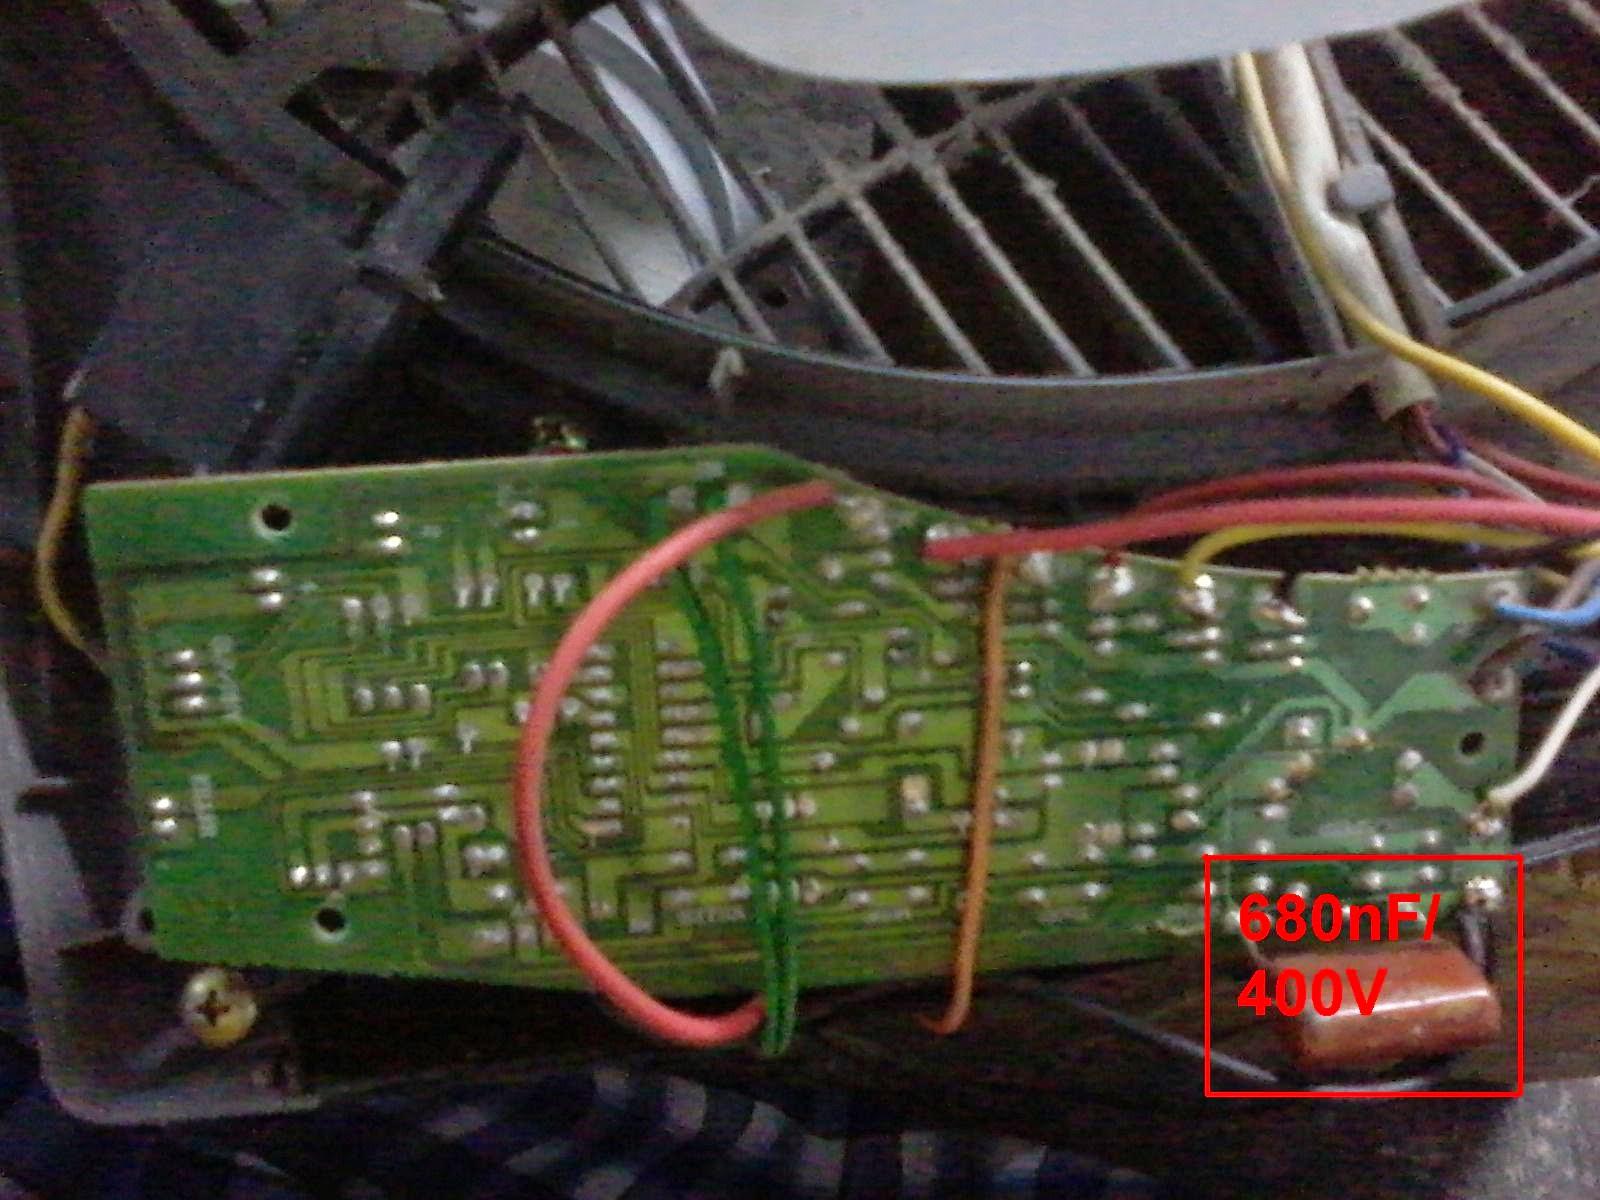 Diy Electric Cara Memperbaiki Kipas Angin Maspion Memakai Remote